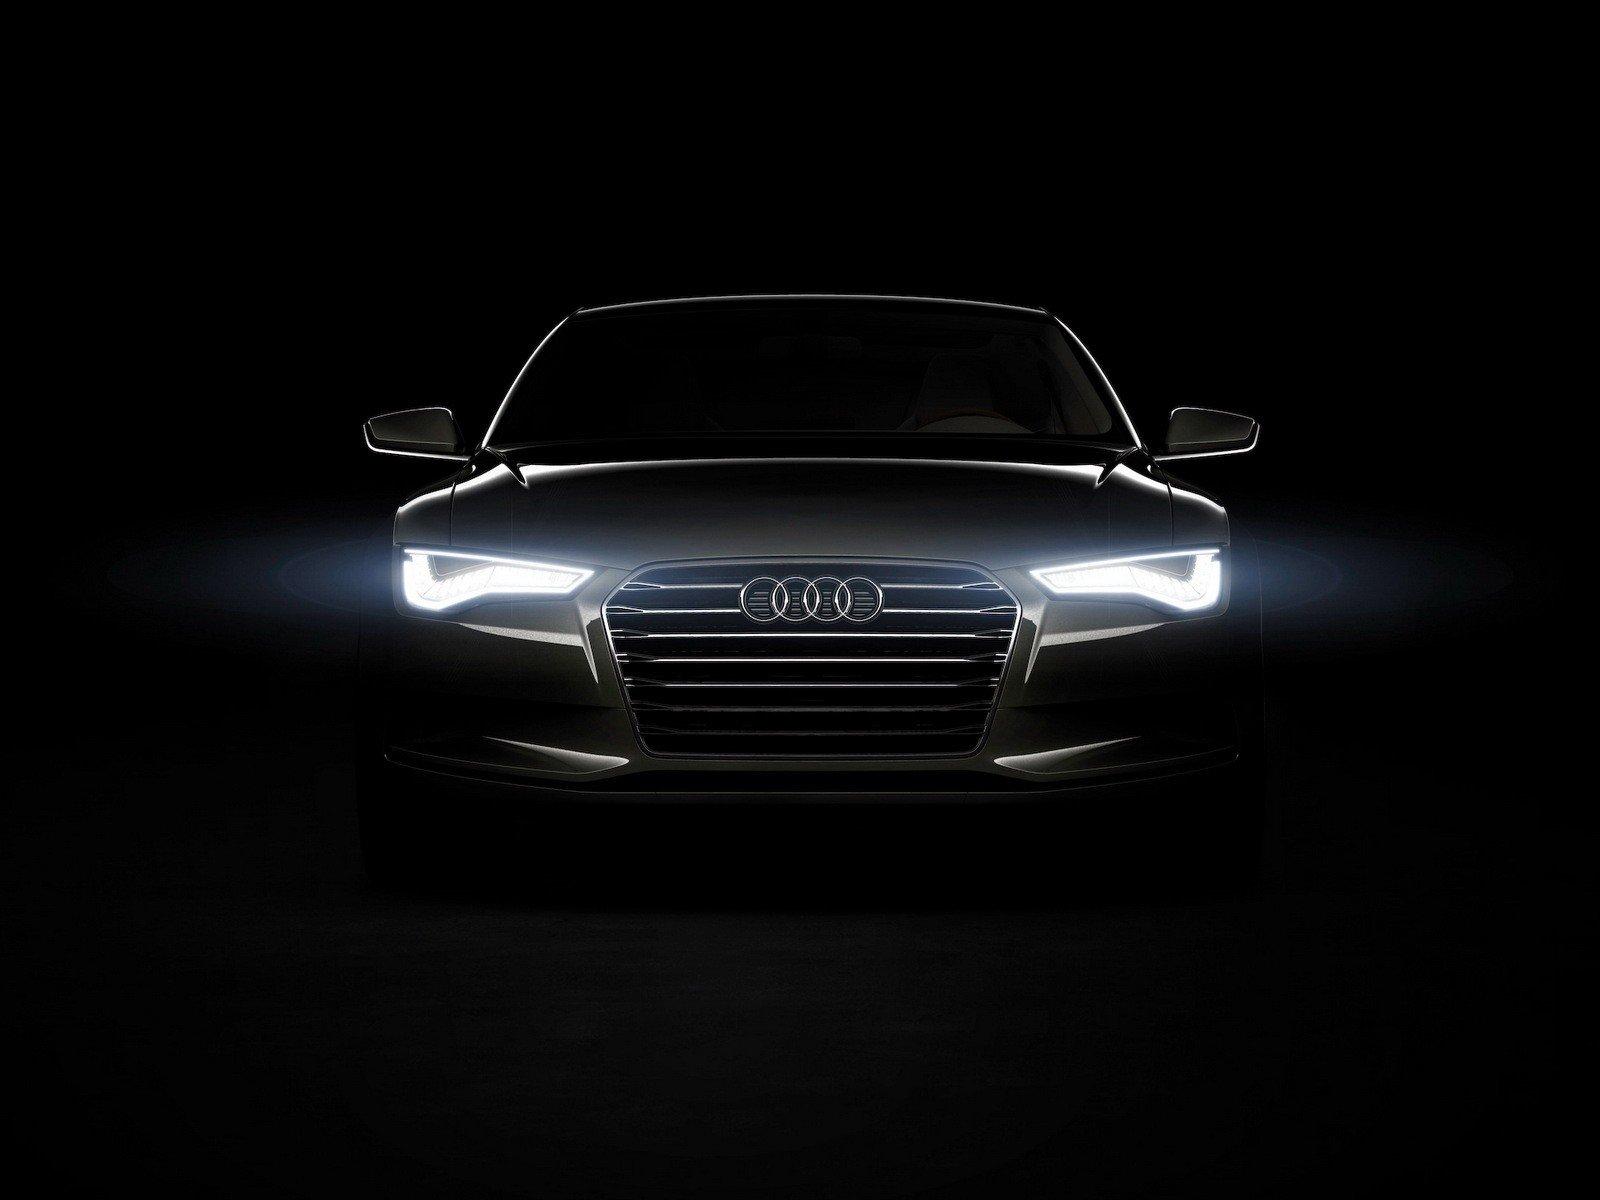 ... Audi wallpaper 0 ...